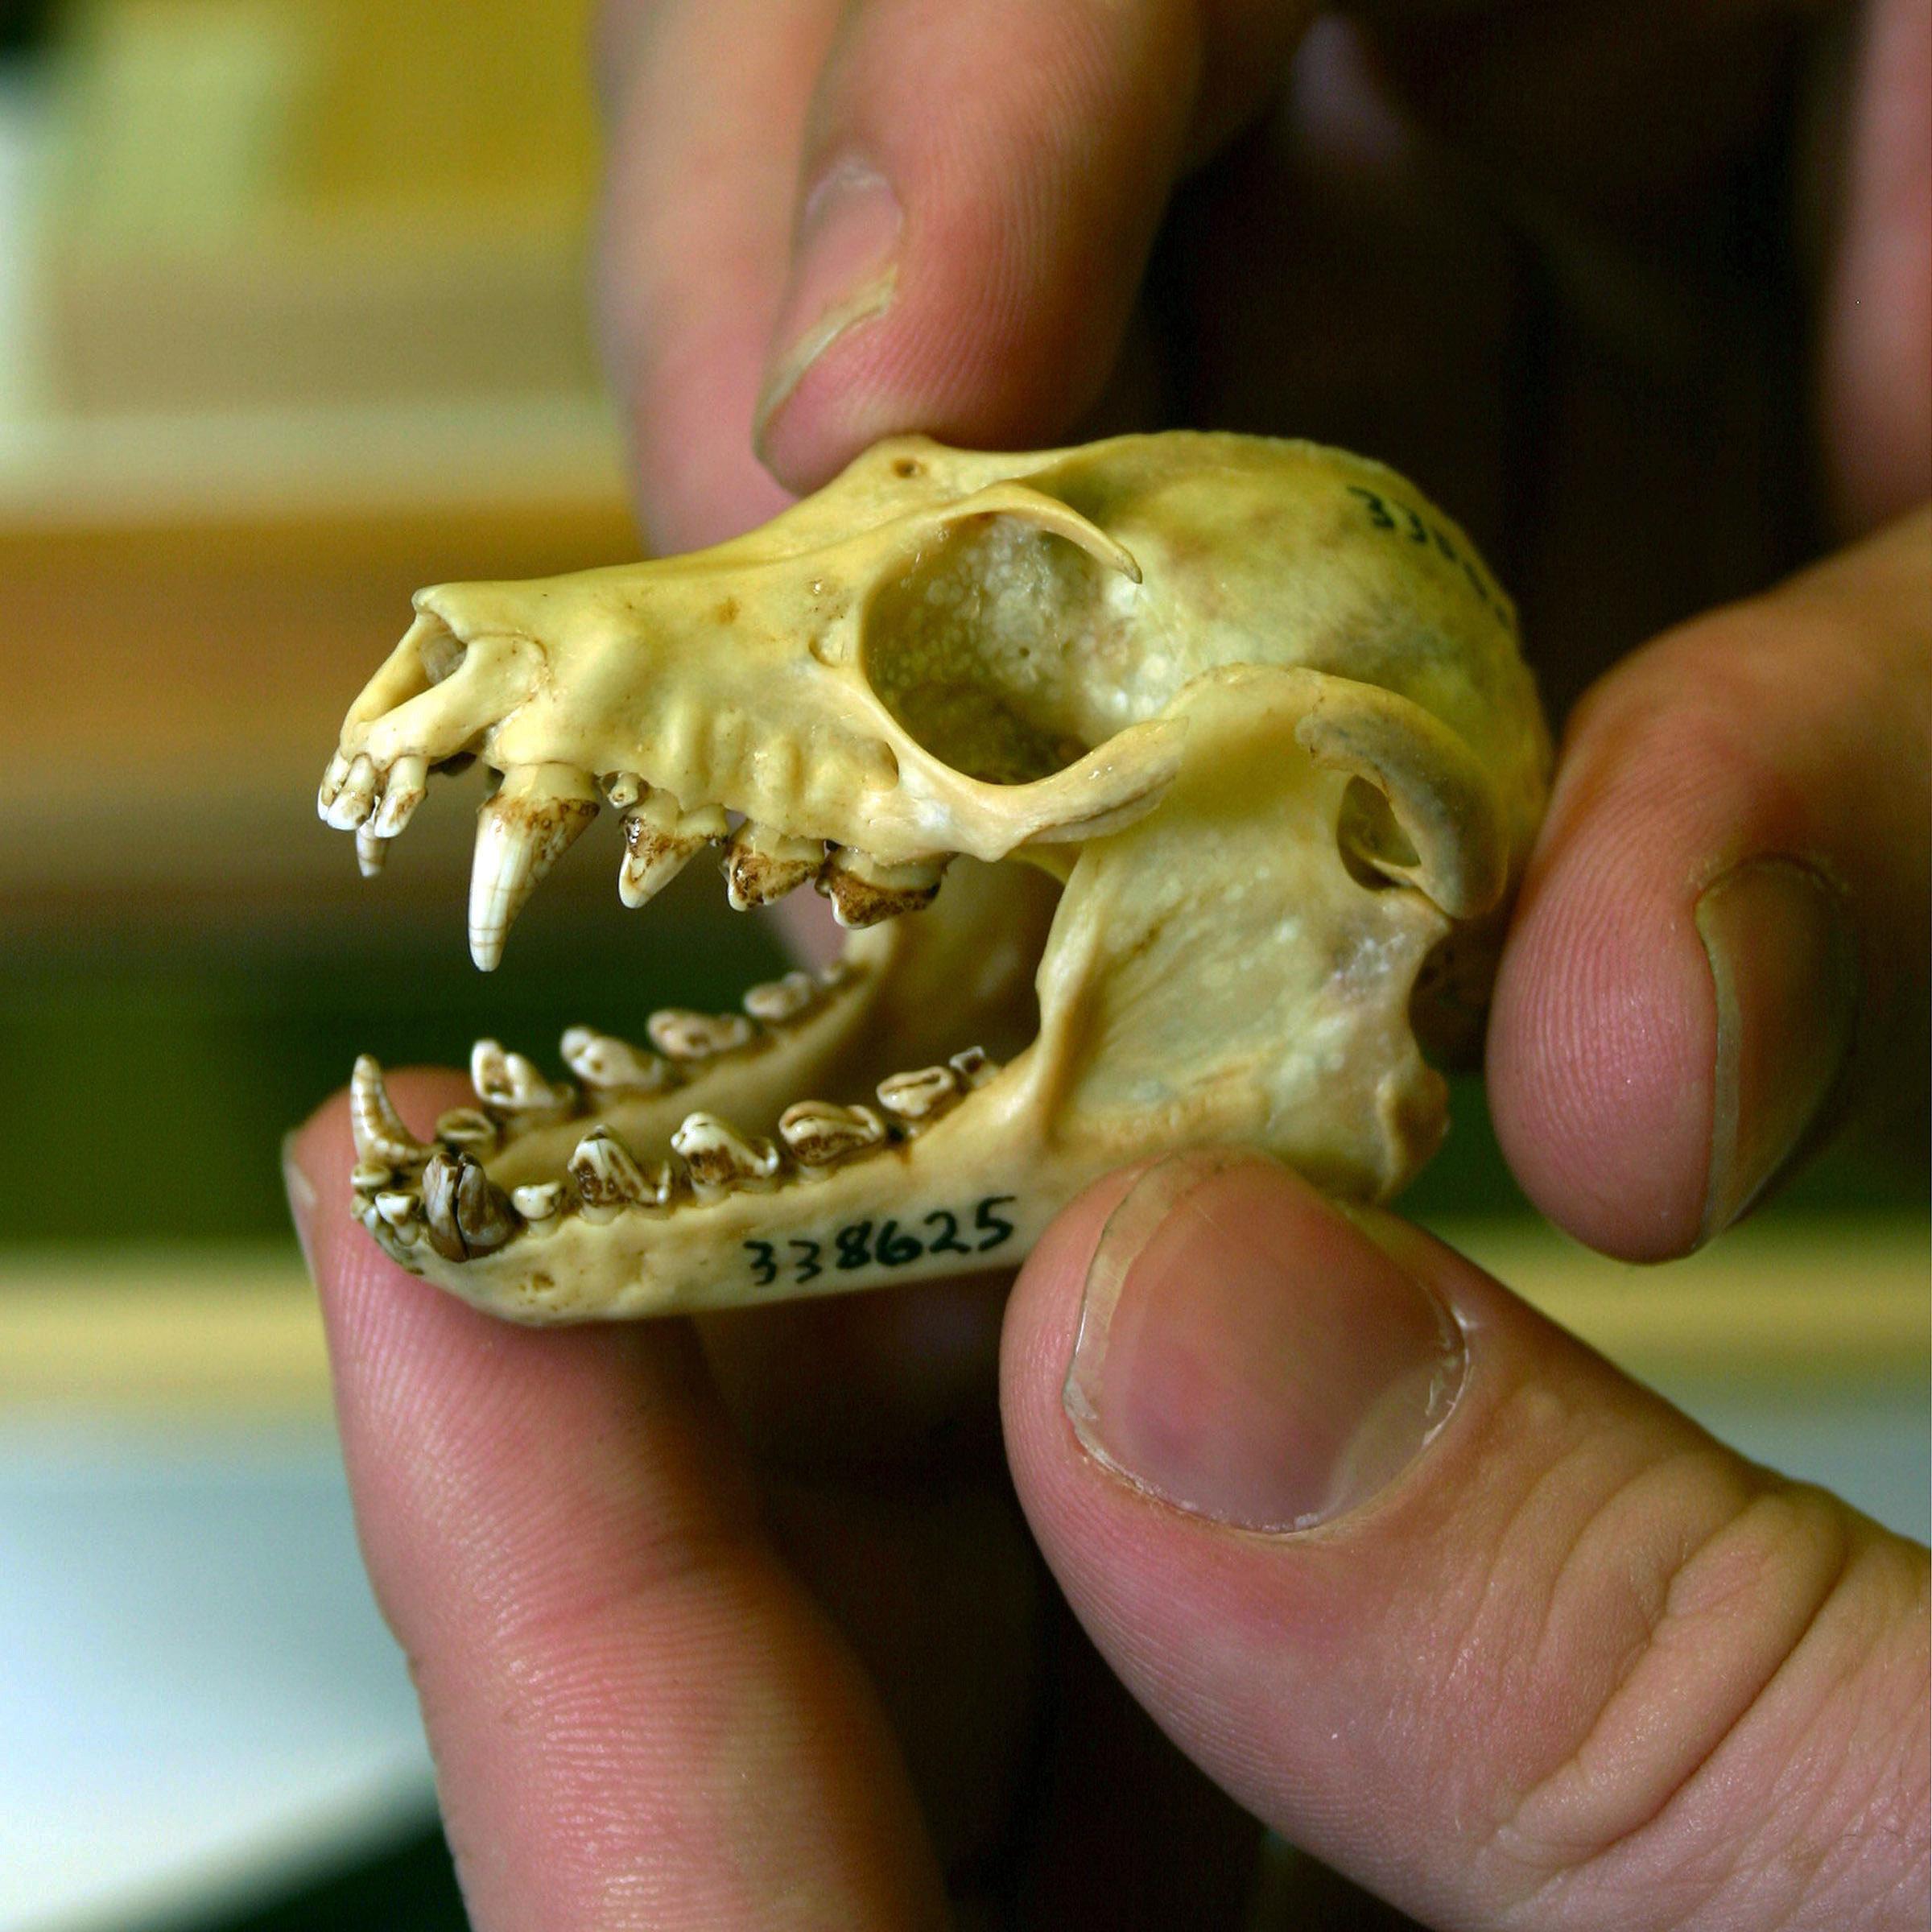 skull - Smithsonian Insider | Smithsonian Insider